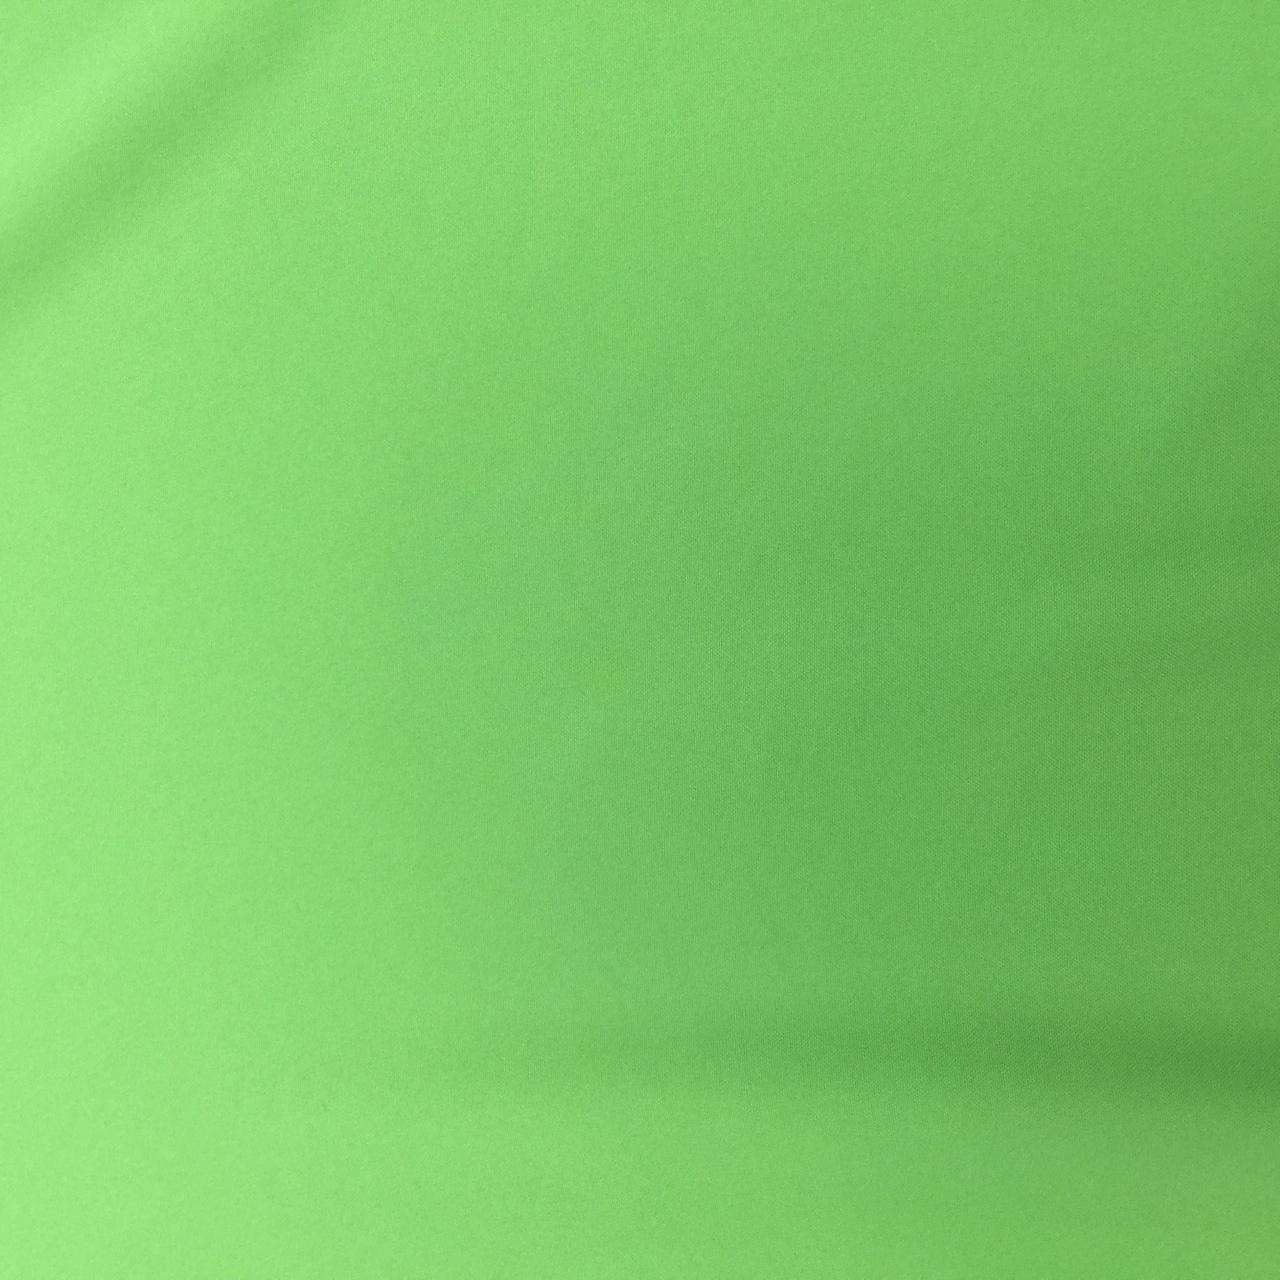 Shawl Cut 2 yds Lime Green